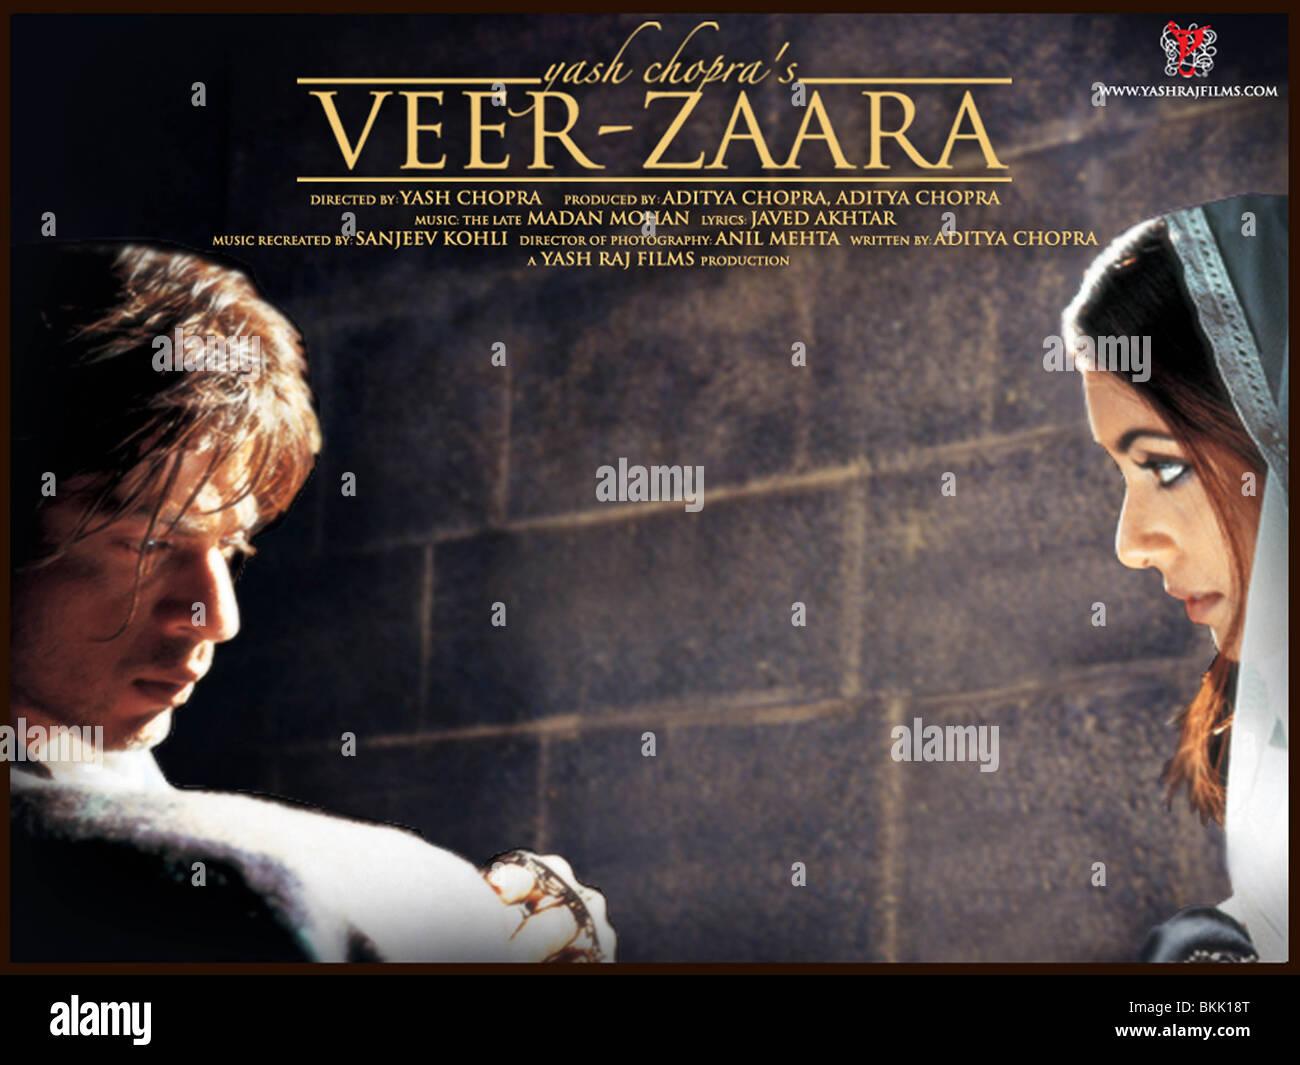 Veer zaara 2004 full movie download free